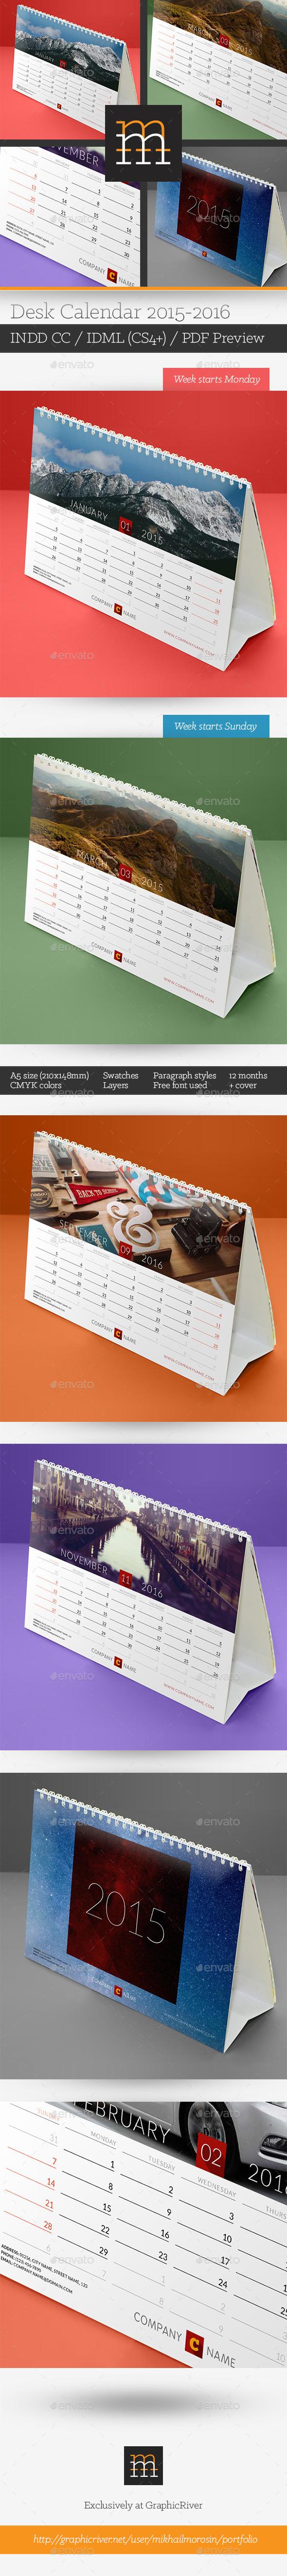 Desk Calendar 2015-2016 - Calendars Stationery